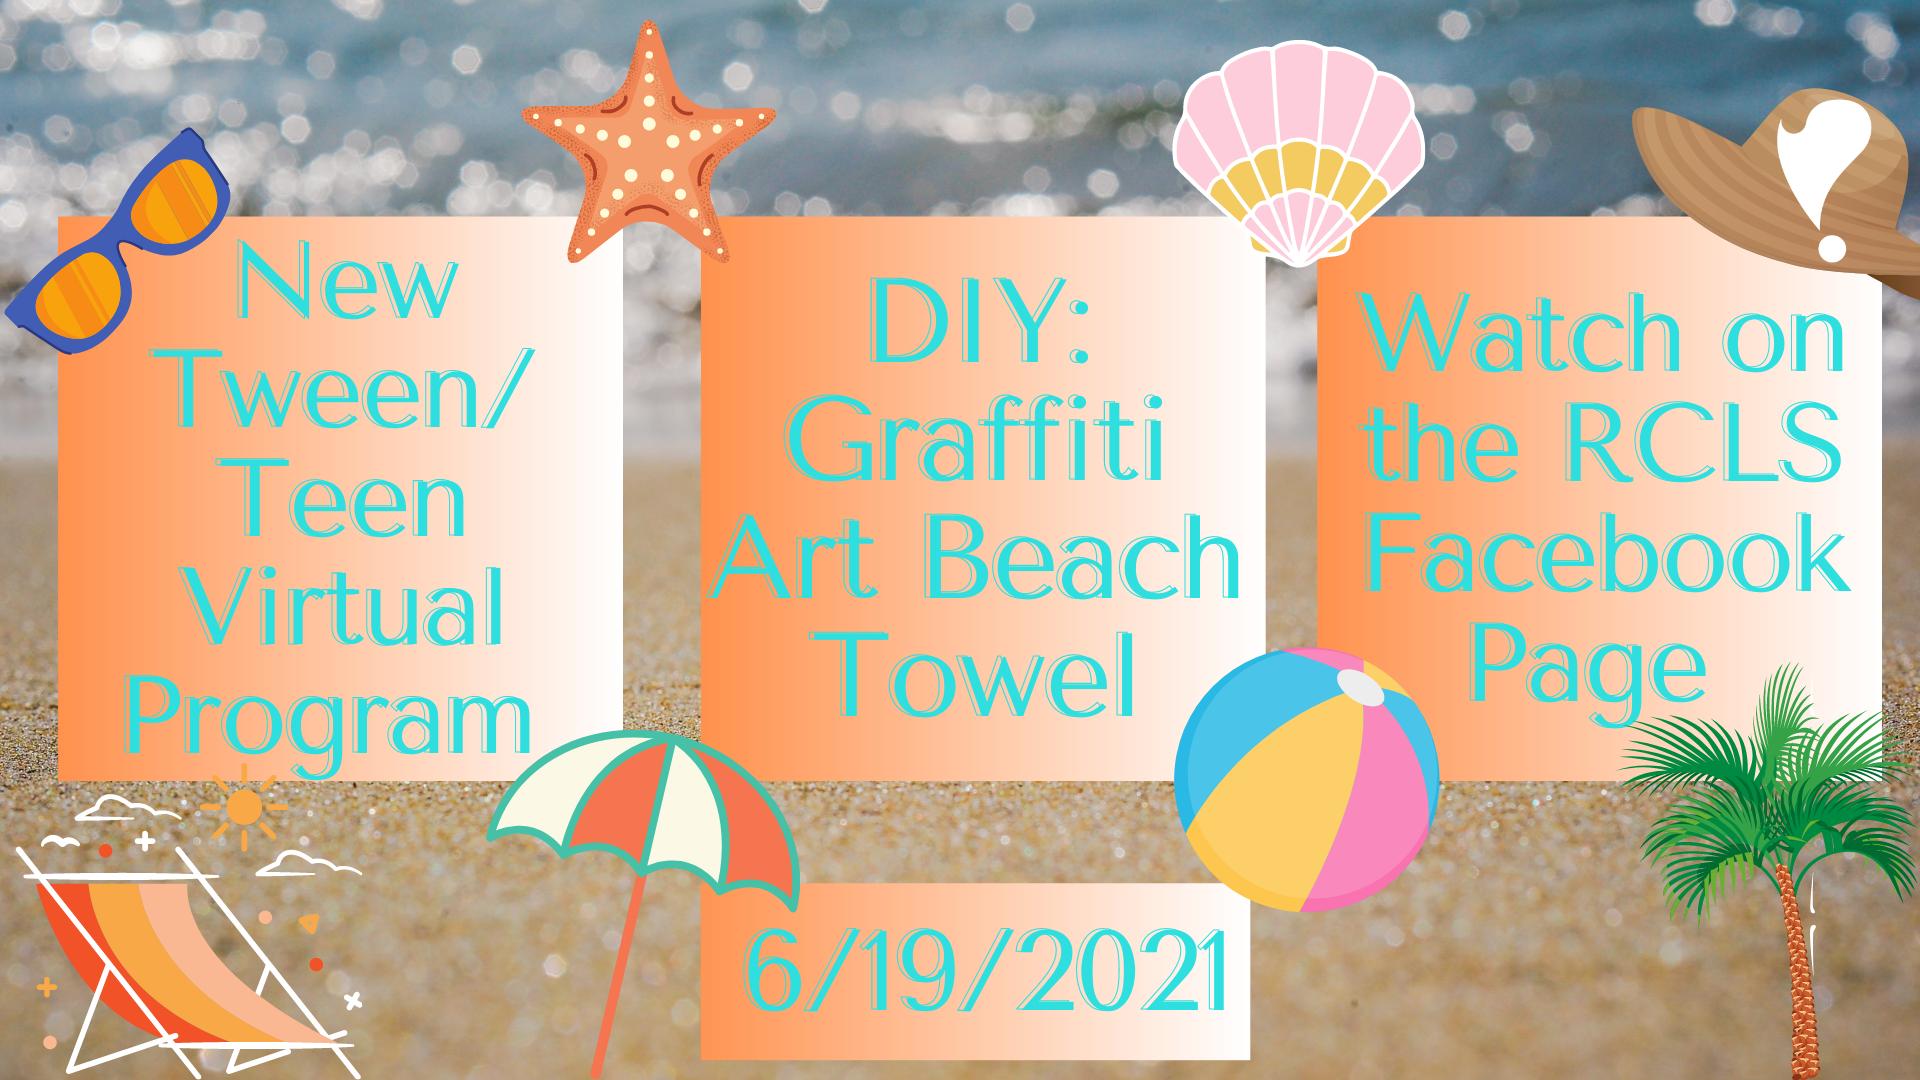 Tween/ Teen Virtual Program: DIY Graffiti Art Beach Towel